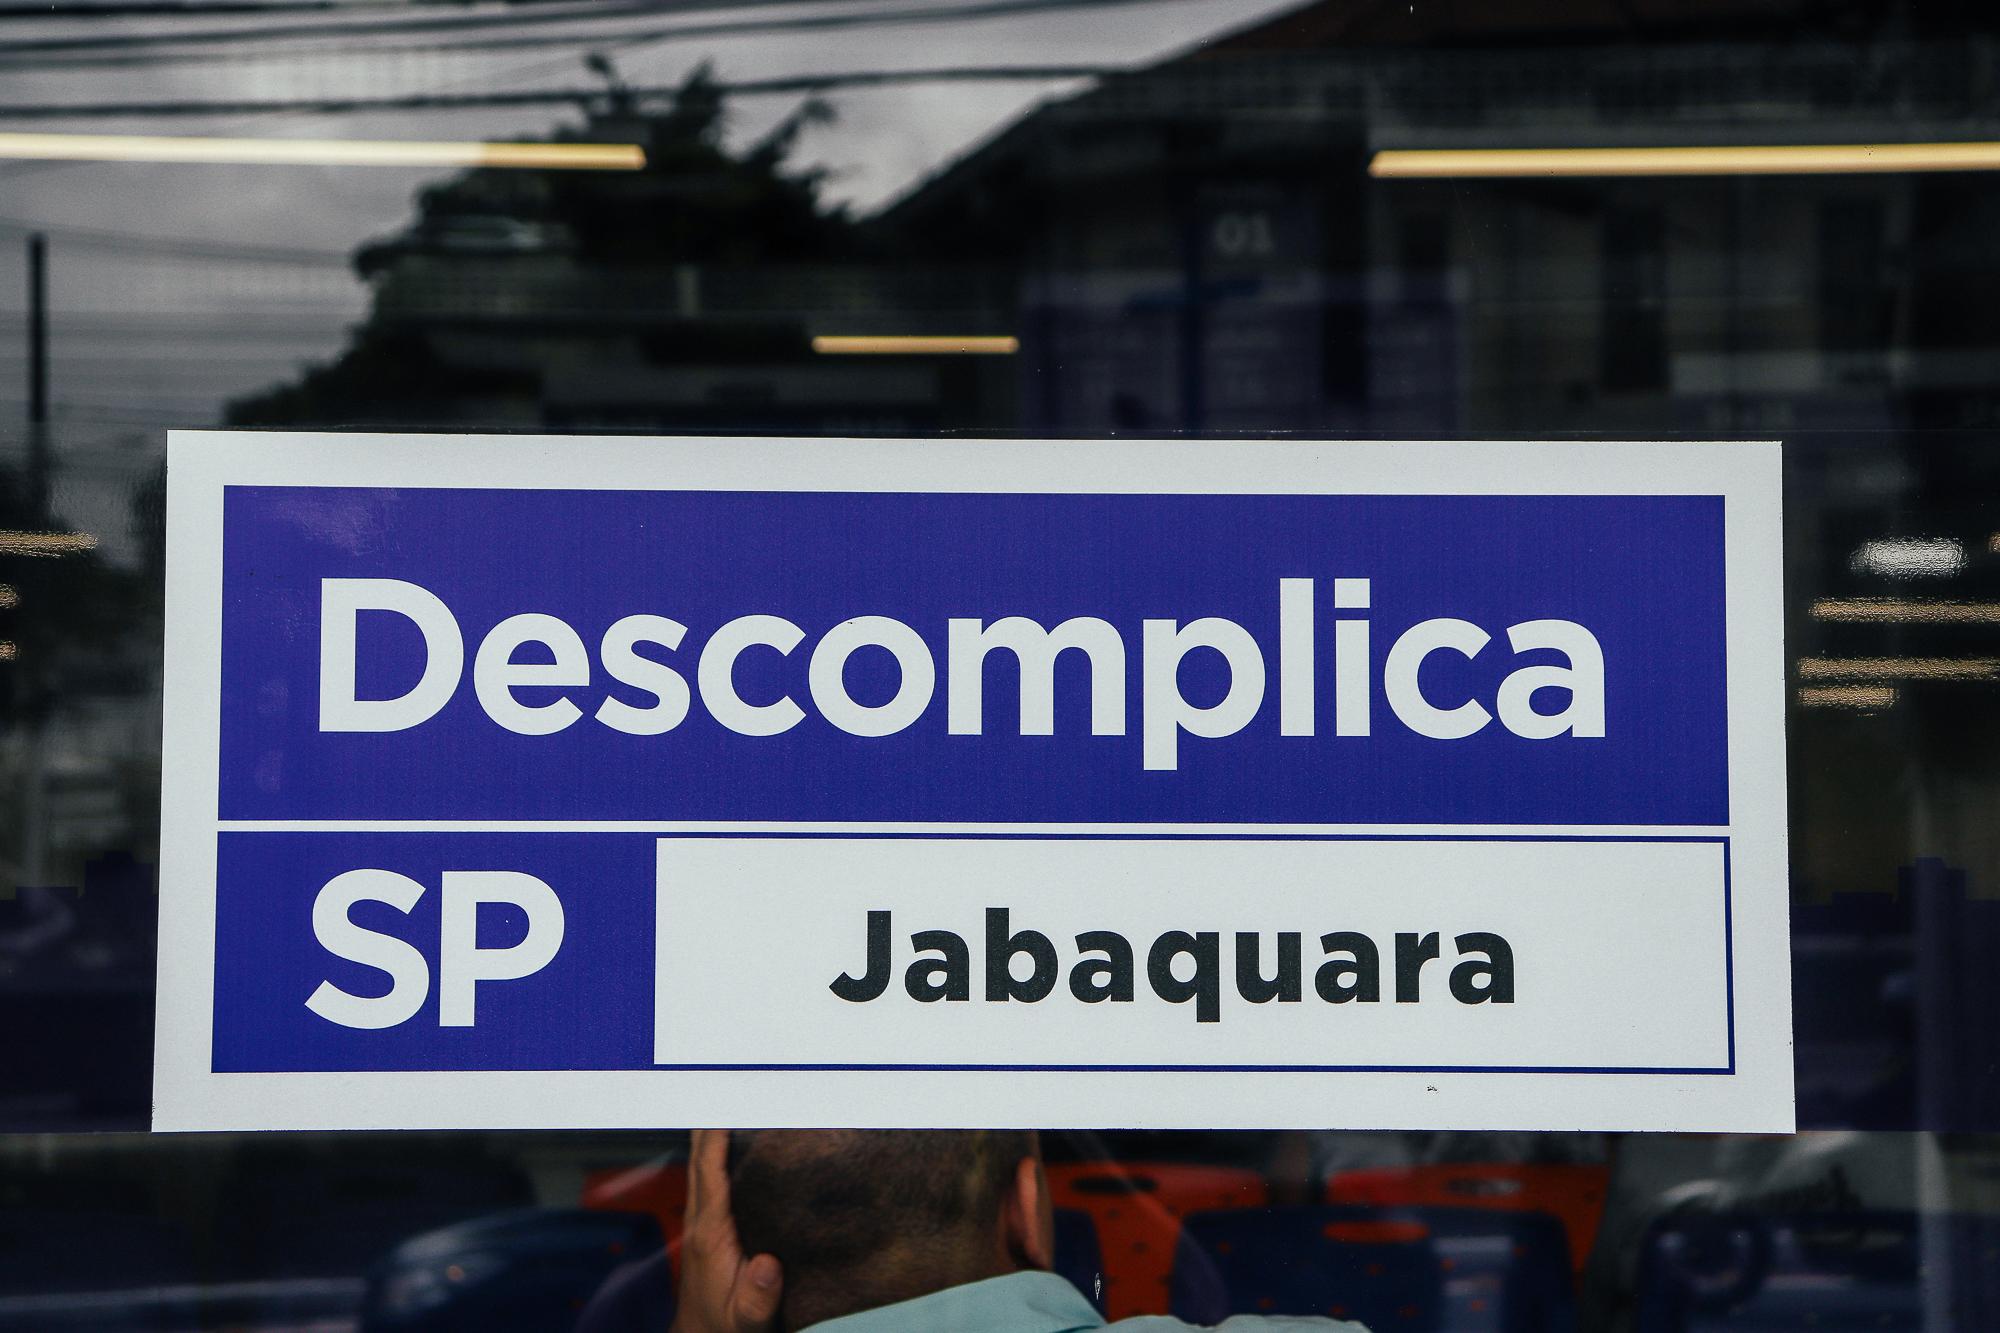 Placa do Descomplica SP - Jabaquara em uma porta de vidro